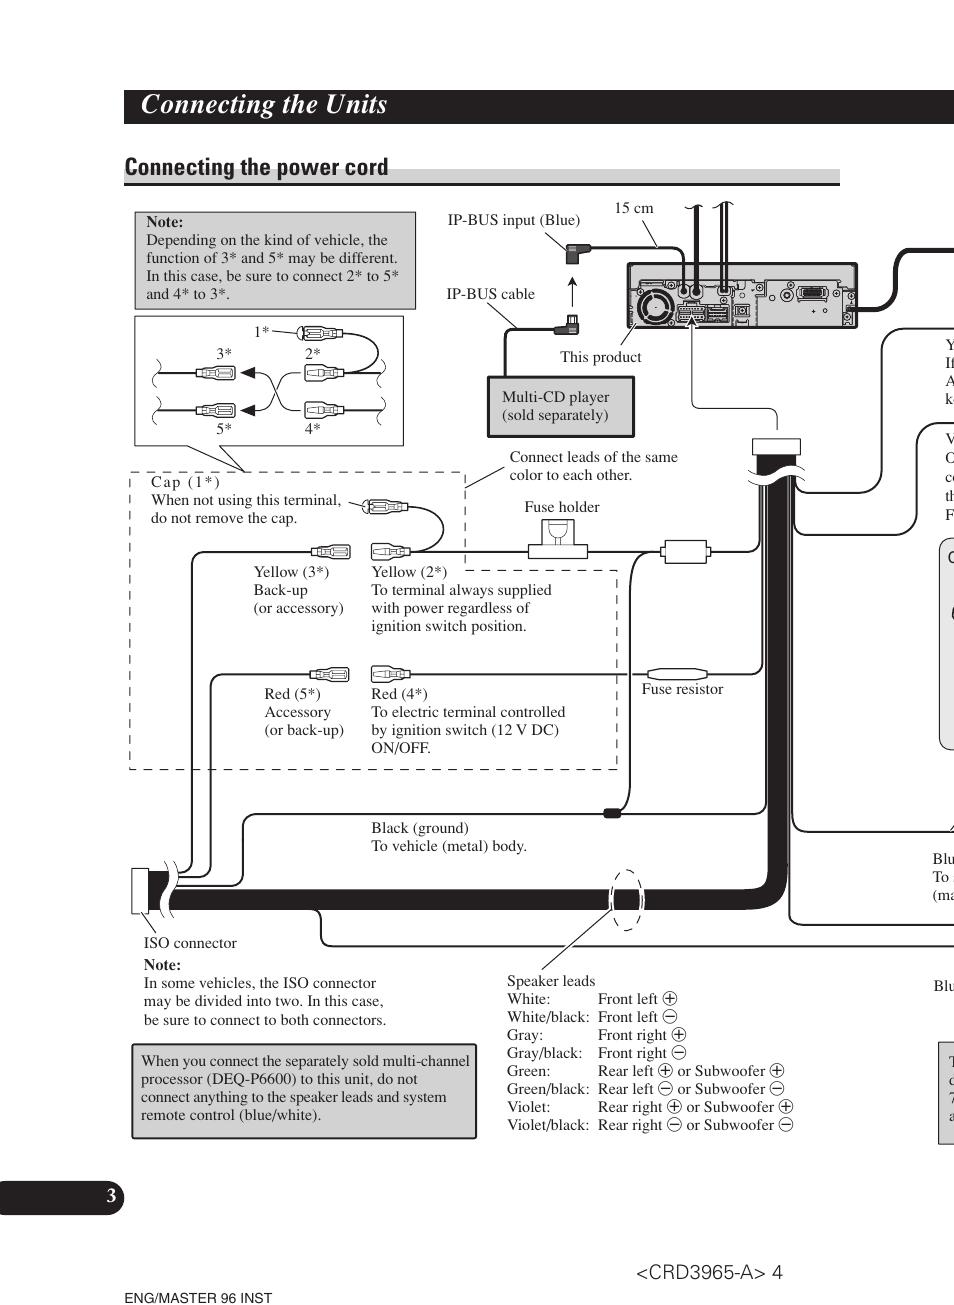 Ausgezeichnet Pionier Avh P5700dvd Schaltplan Galerie - Elektrische ...